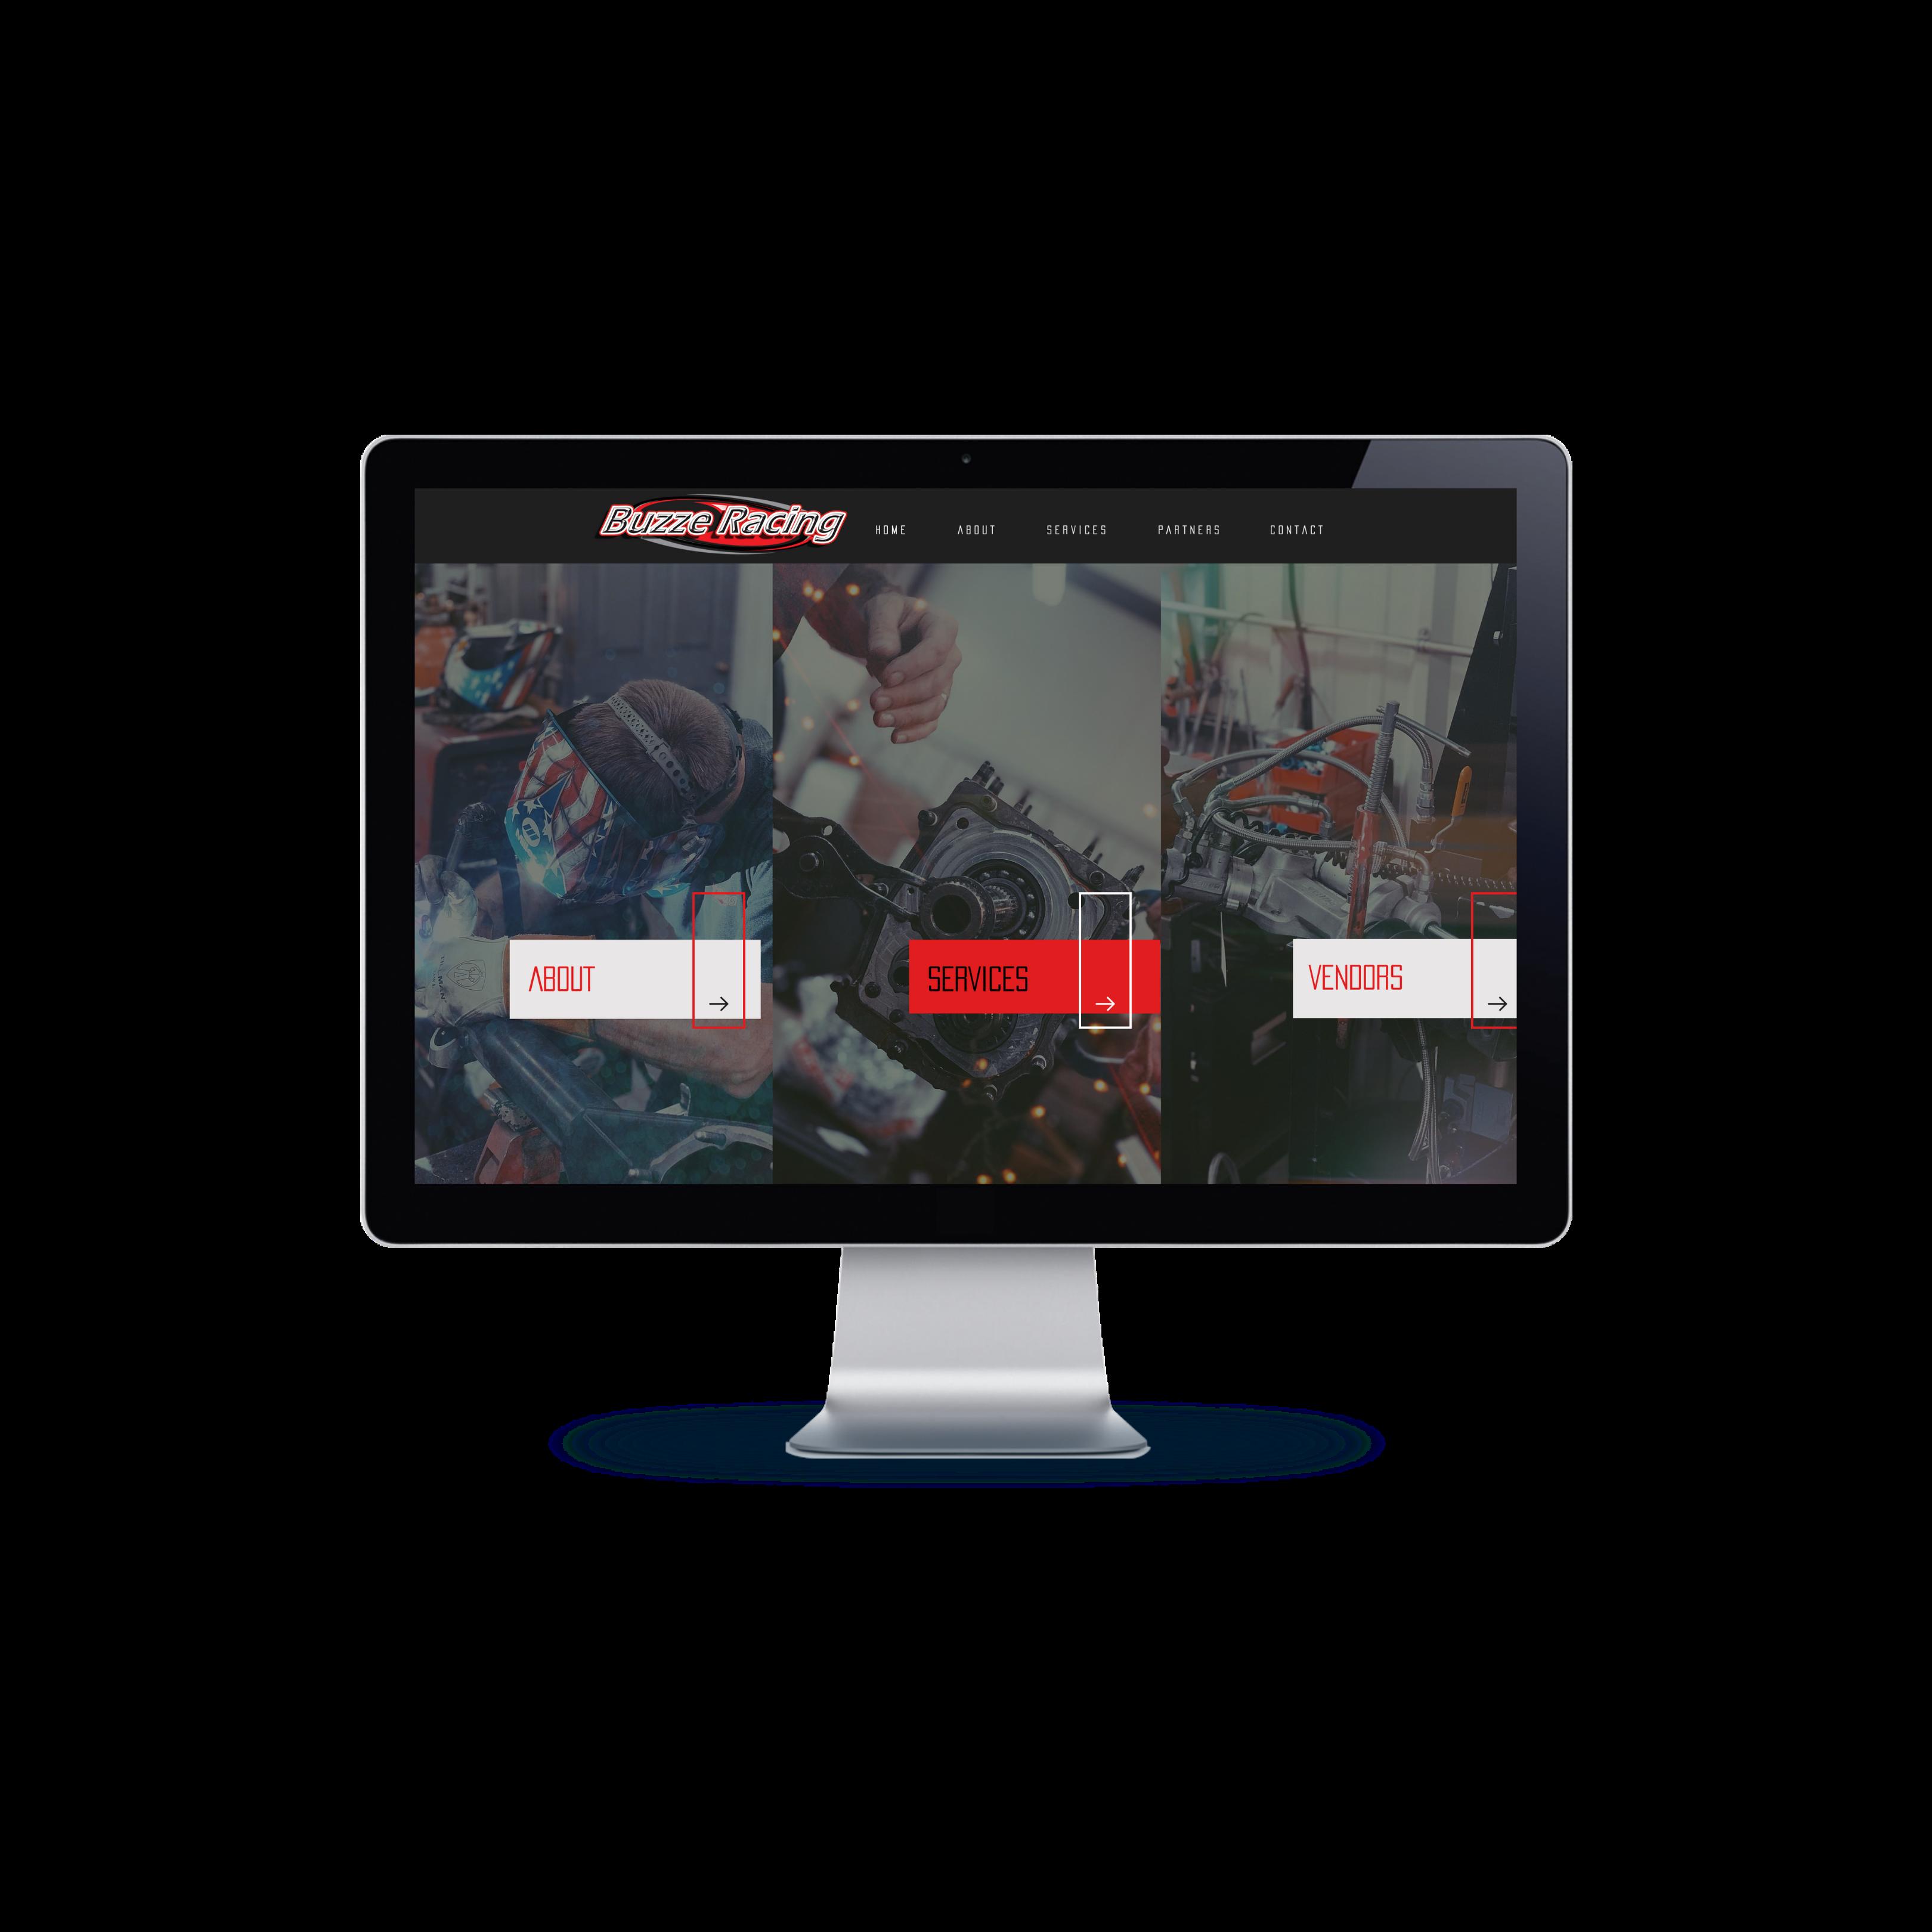 Buzze racing website